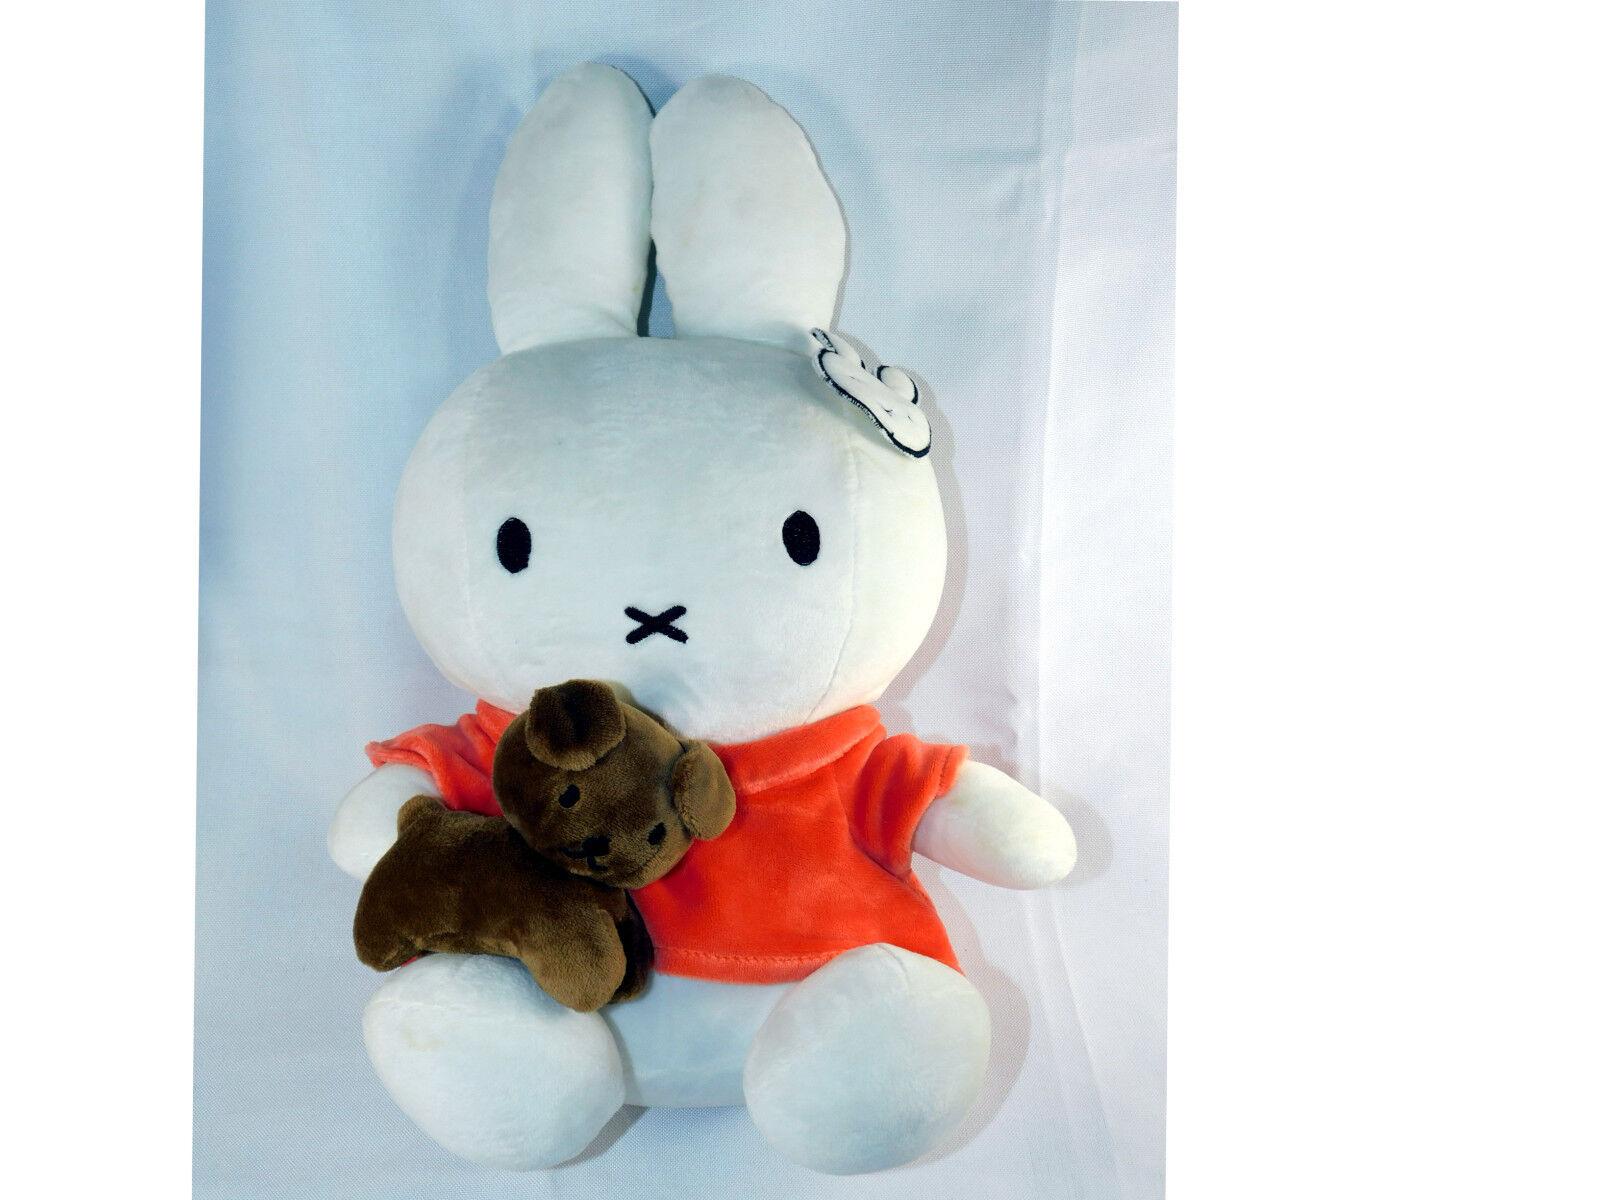 Miffy Weiß Rabbit Orange Shirt Holding Braun Puppy Dog 16